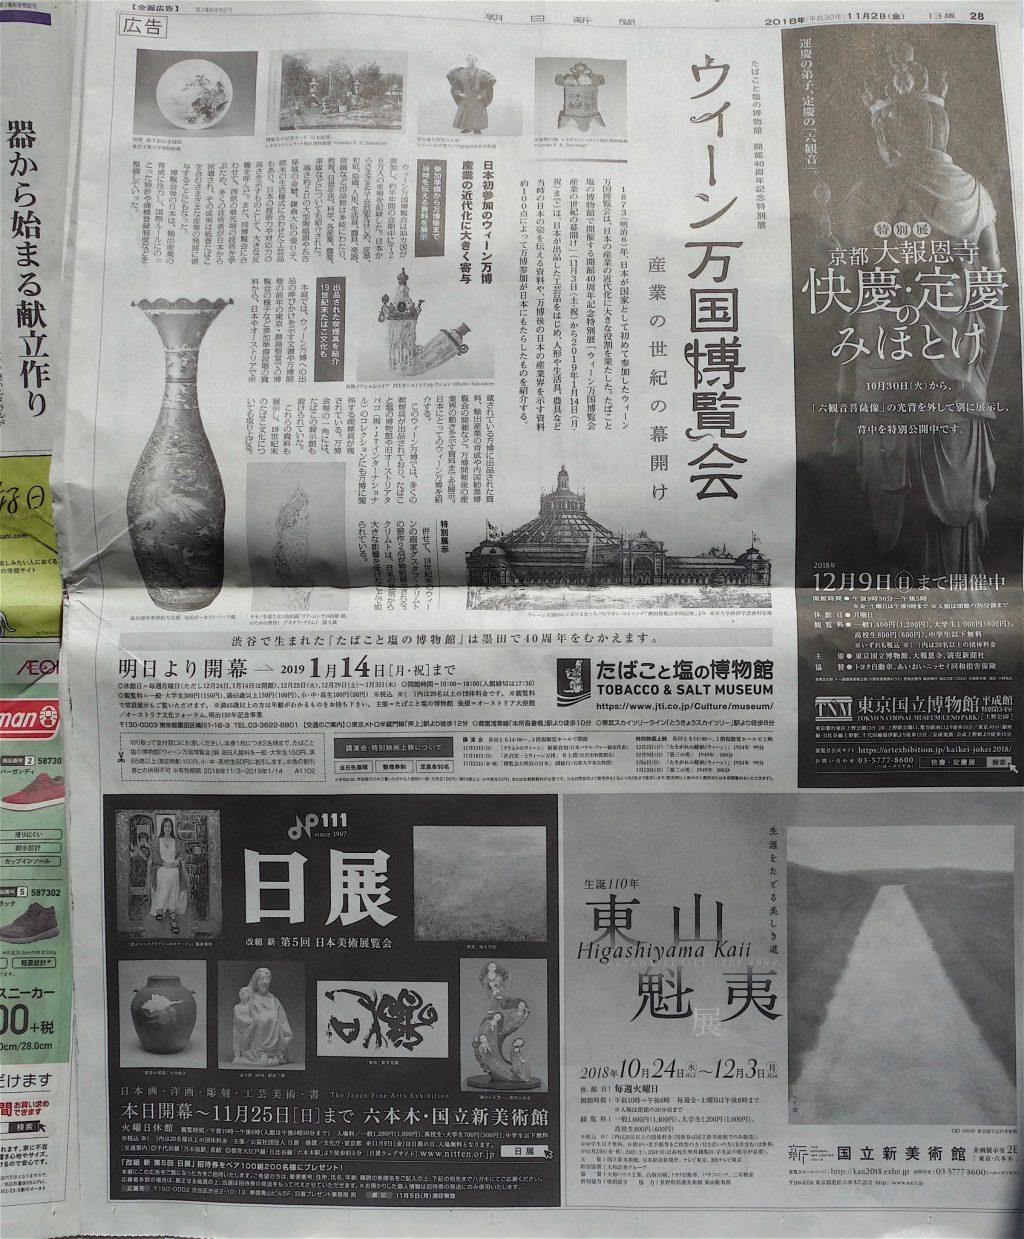 日展の一色広告 @ 朝日新聞2018年11月2日